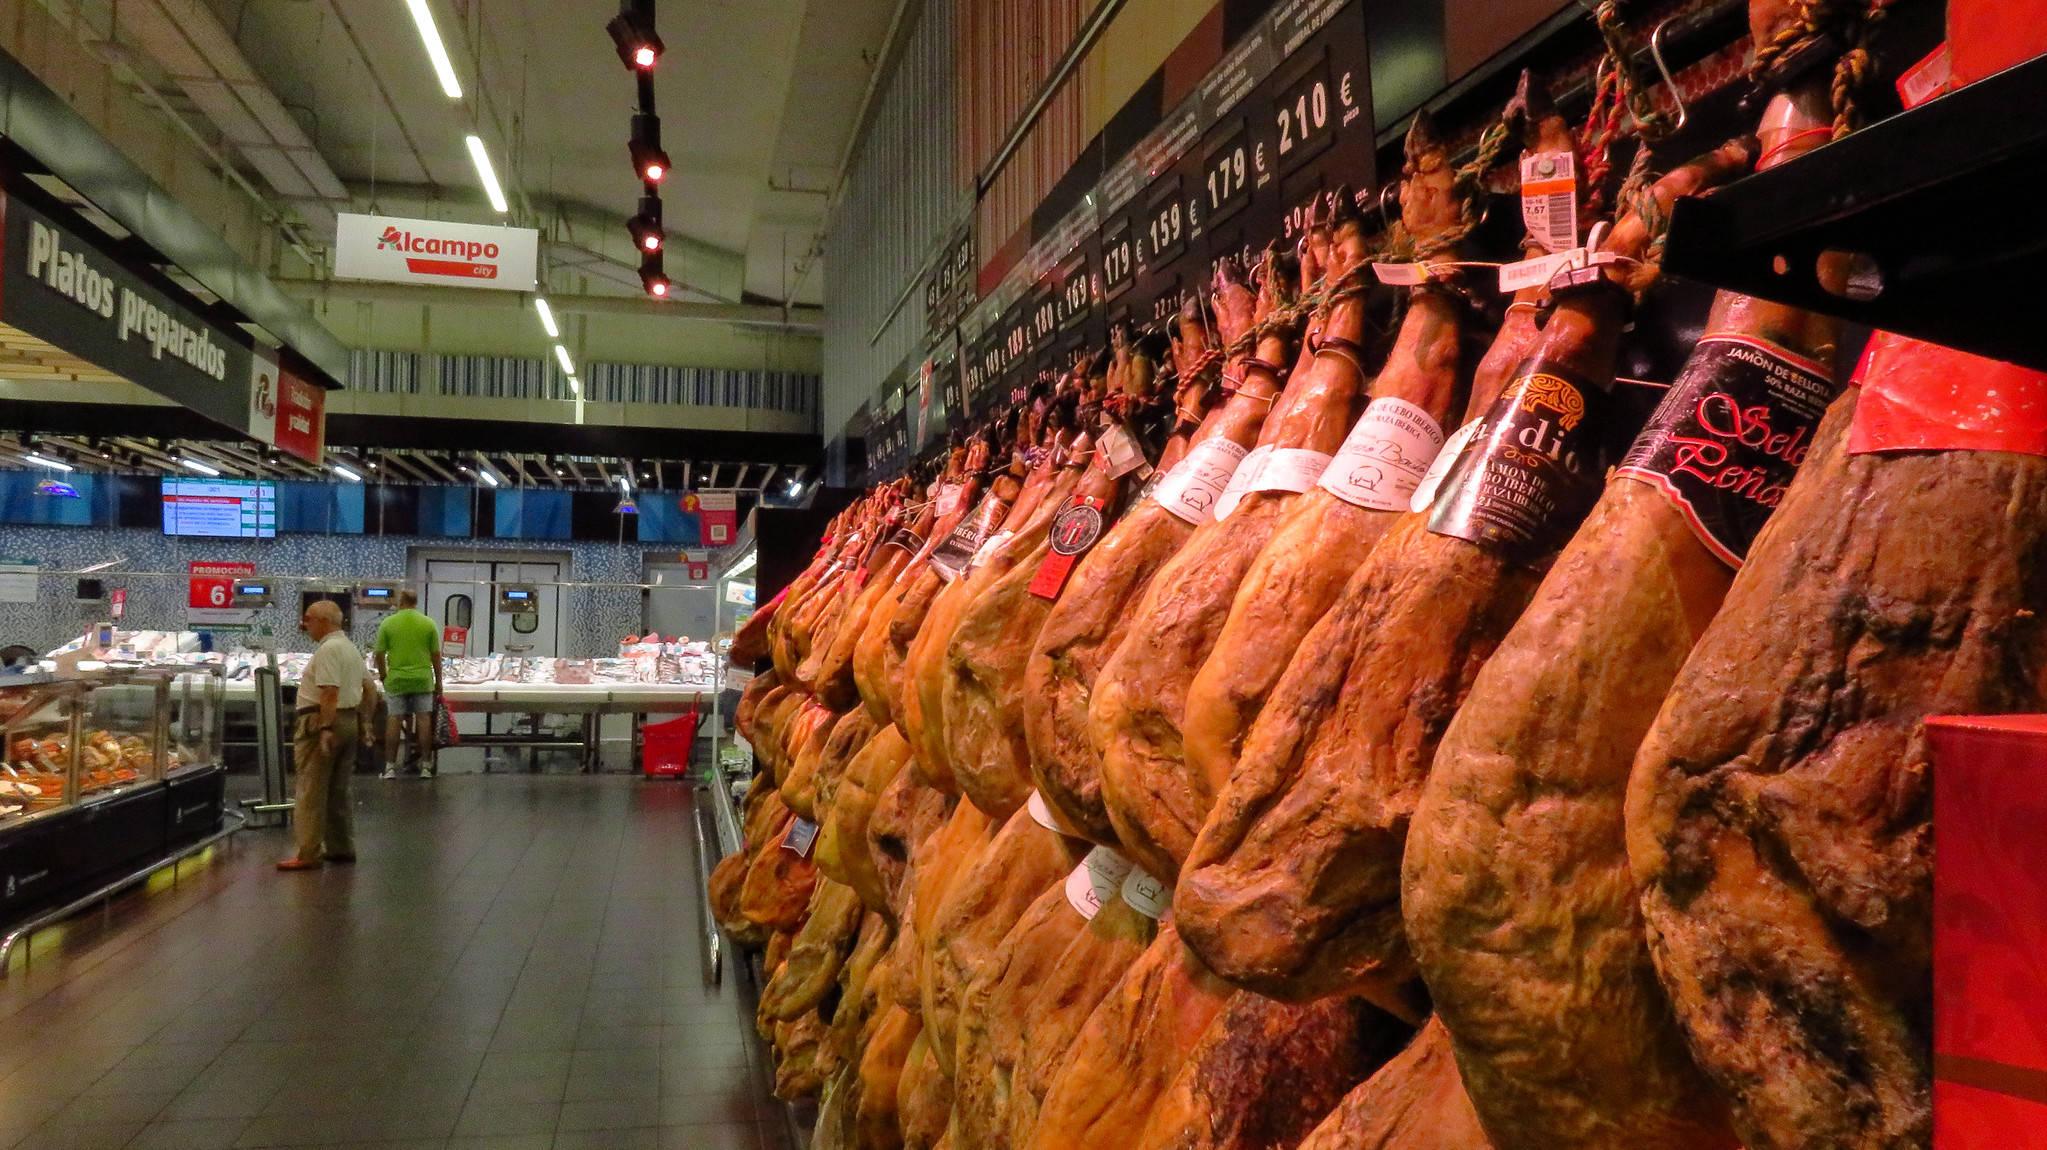 原中国人喜欢拍美国超市,夸猪肉便宜。真的,我们买不起也羡慕不起。